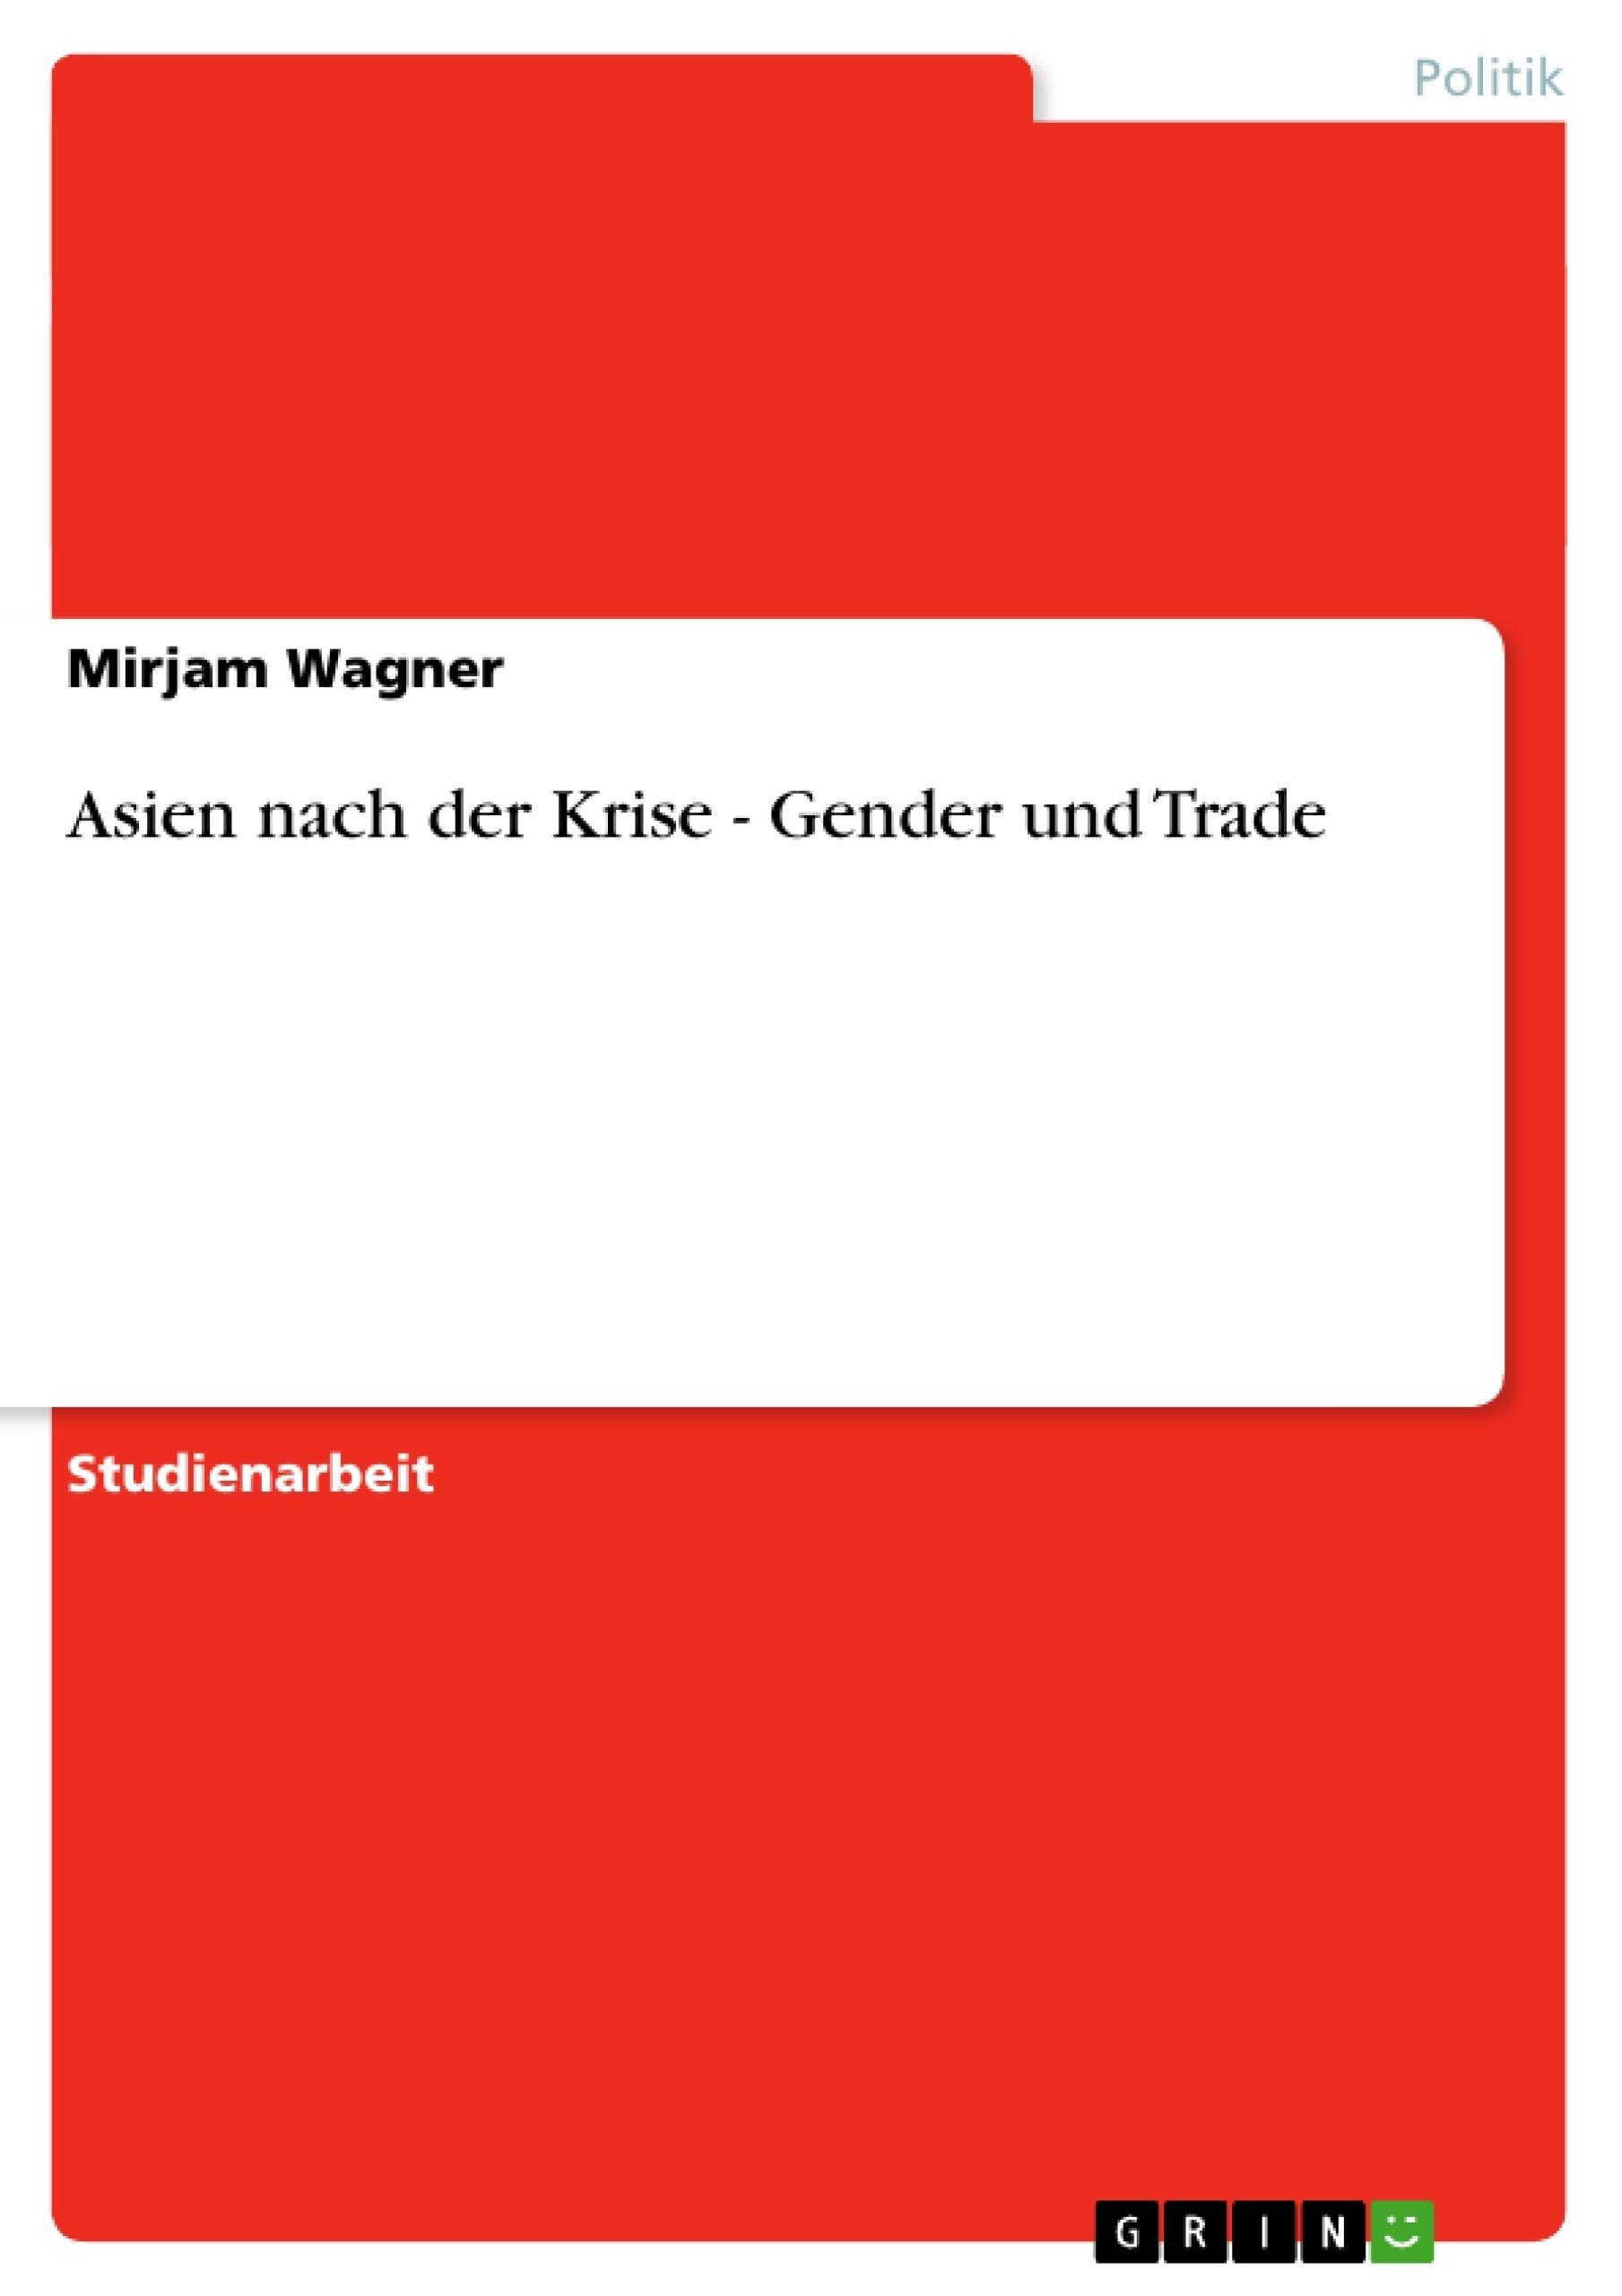 Titel: Asien nach der Krise - Gender und Trade